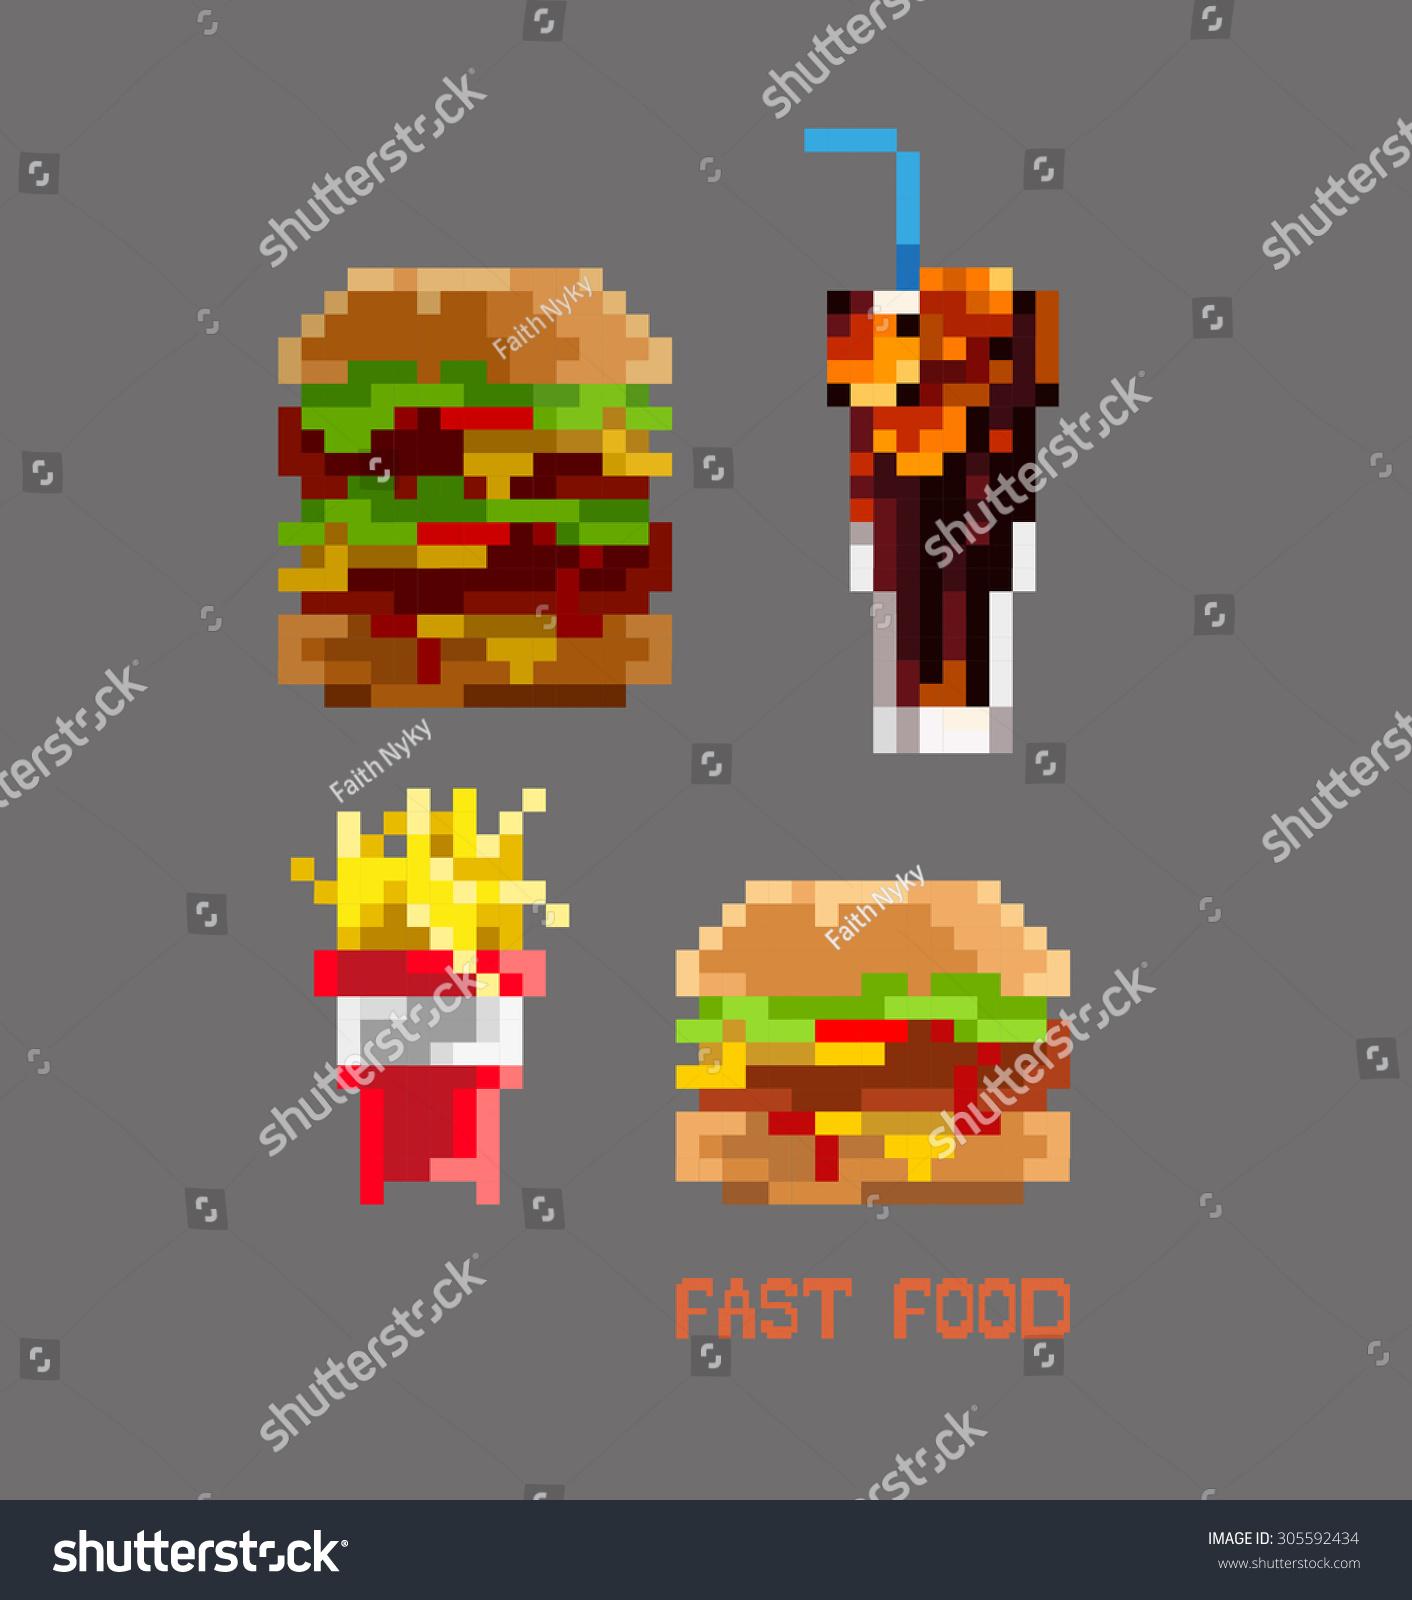 Image Vectorielle De Stock De Set Catchy Pixel Art Fast Food